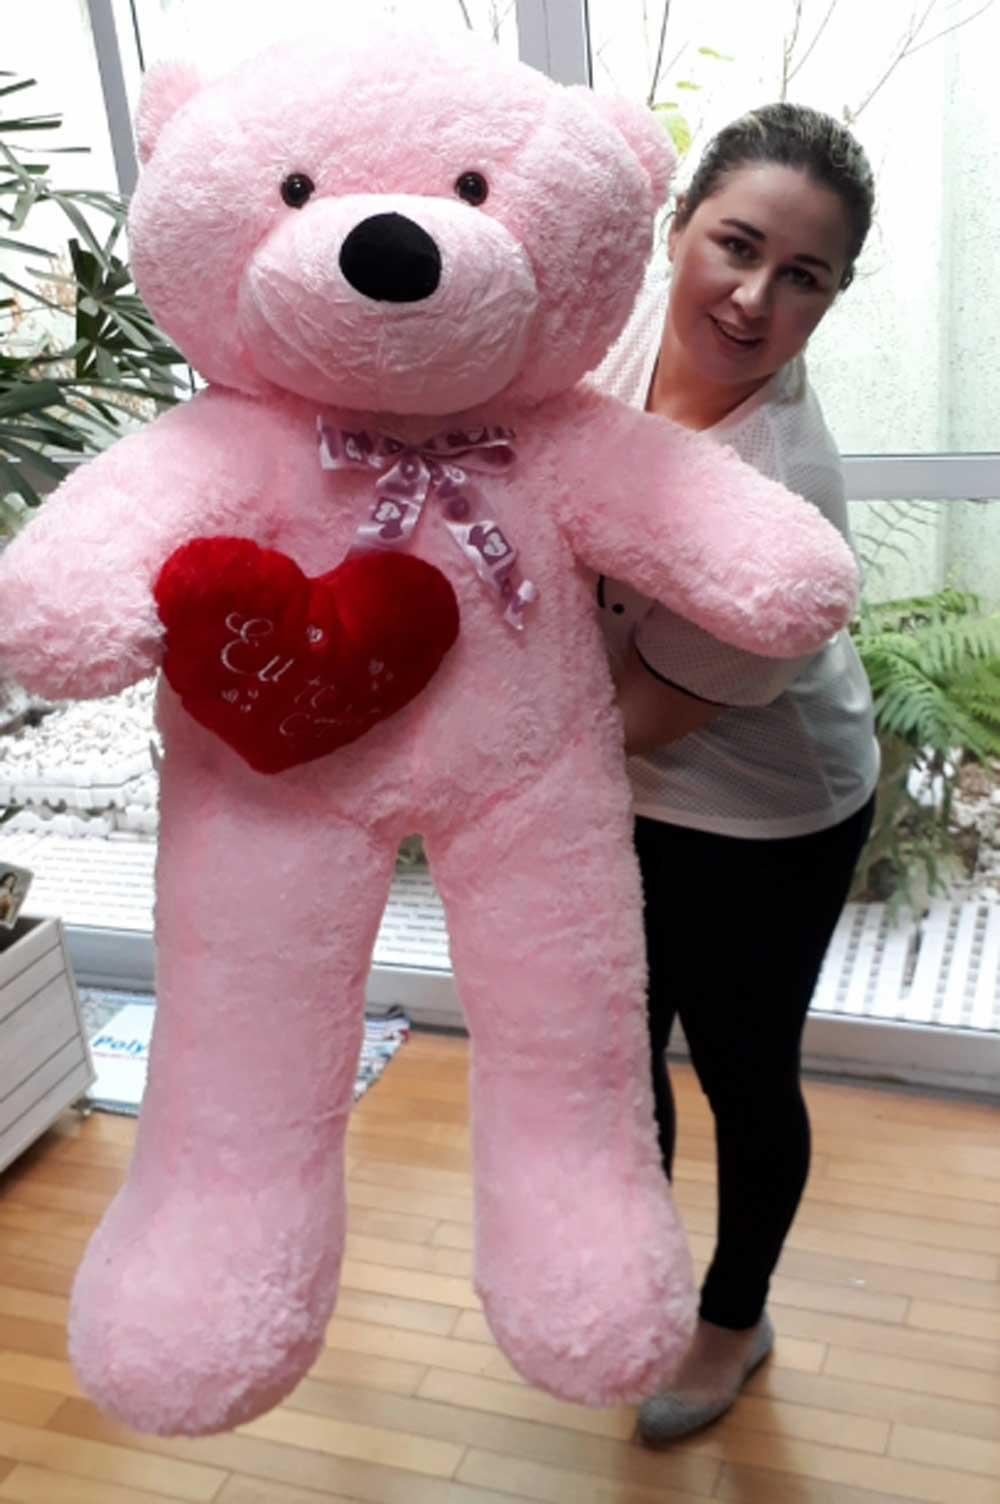 Urso de Pelúcia Rosa Gigante Grande 1,40 metros ou 140cm de altura + Coração Romântico